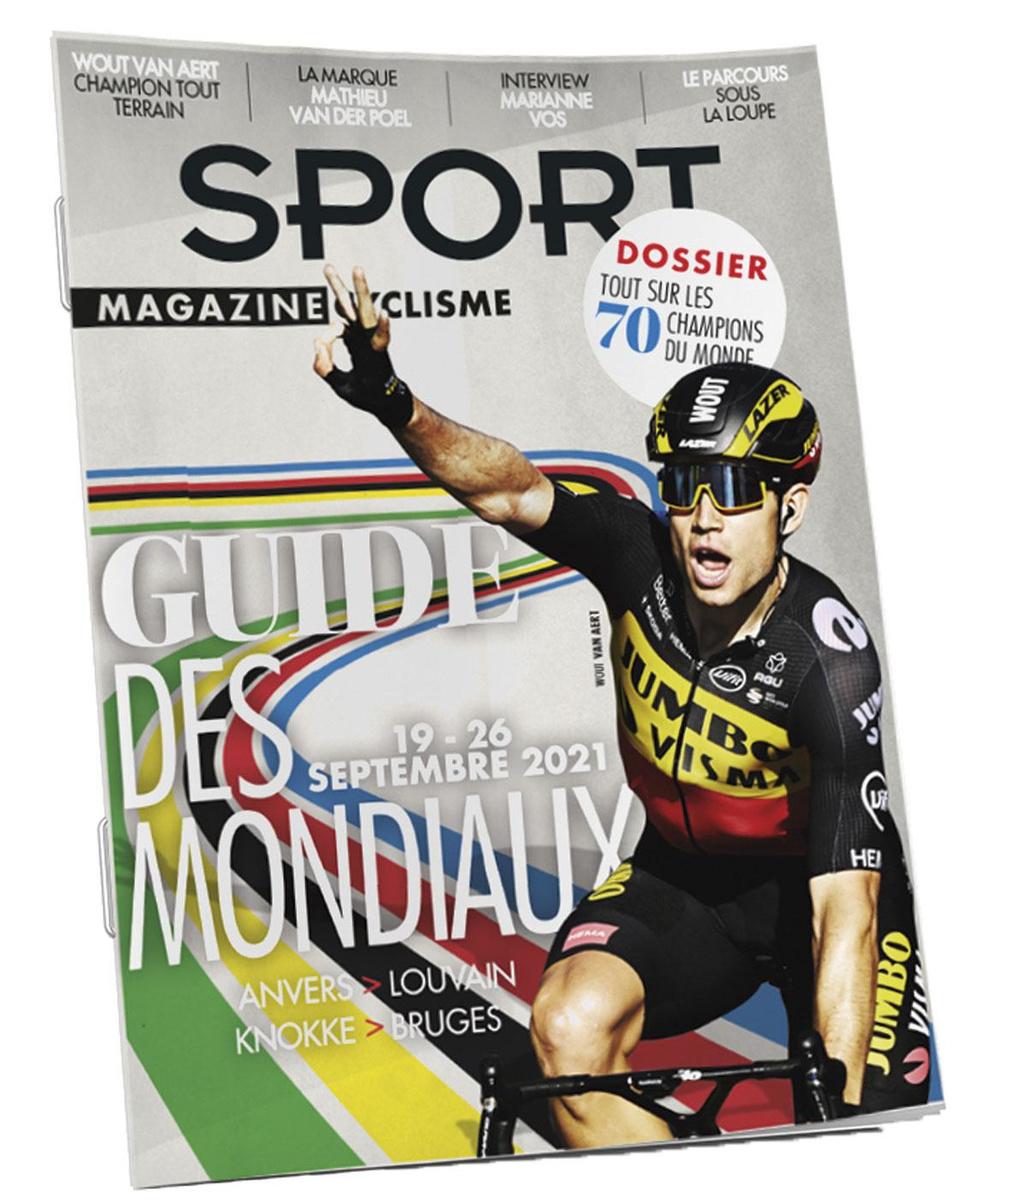 La lecture et les anecdotes ne manquent pas dans ce Guide des Mondiaux, en librairie à partir du 2 septembre. Ce numéro spécial de 132 pages coûte 7,50 euros., Getty Images